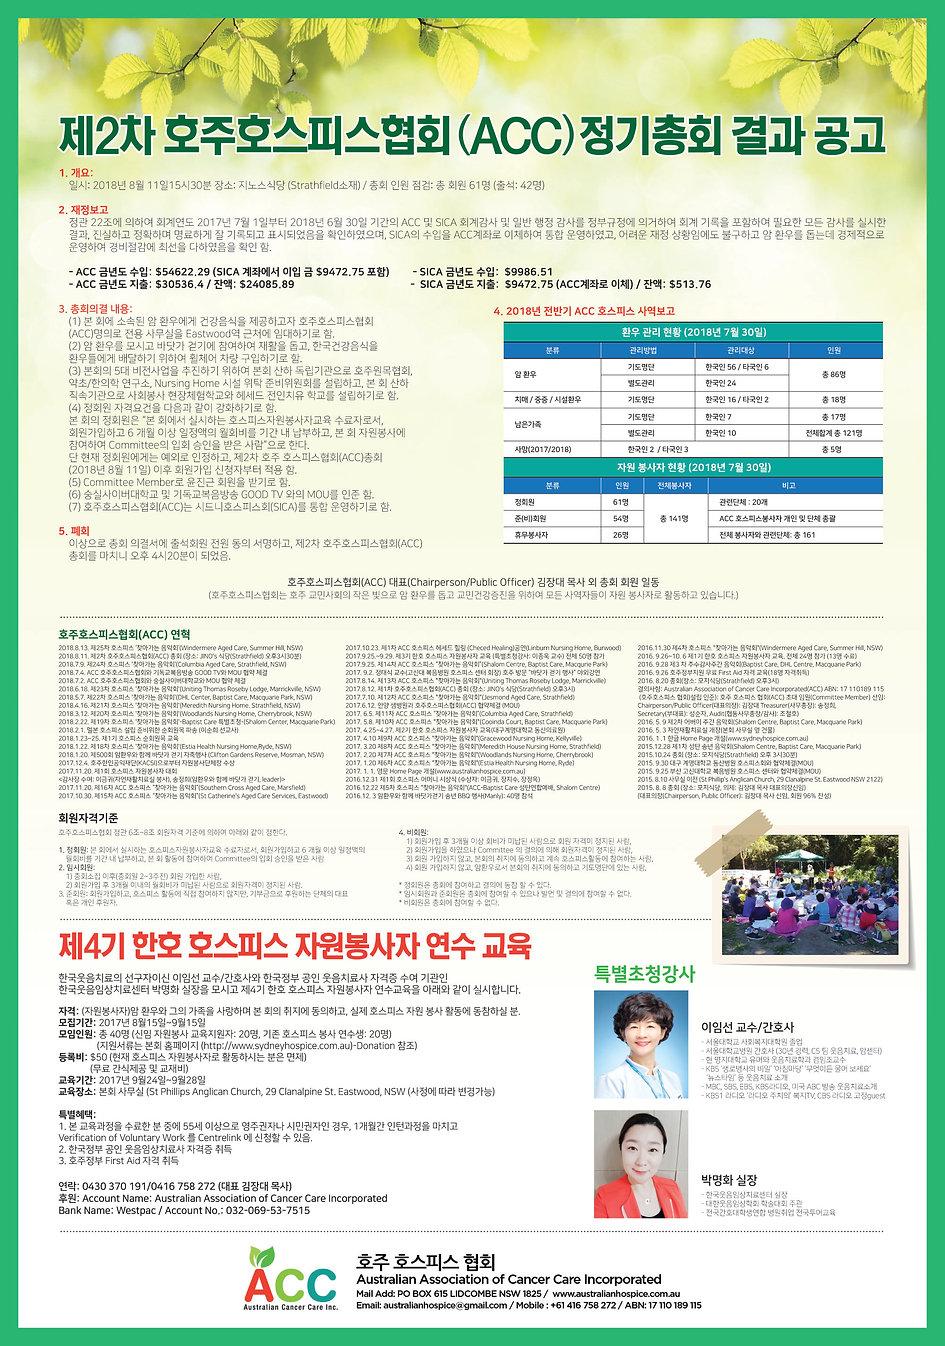 시드니호스피스_20180817_정기총회 결과_02 (1).jpg